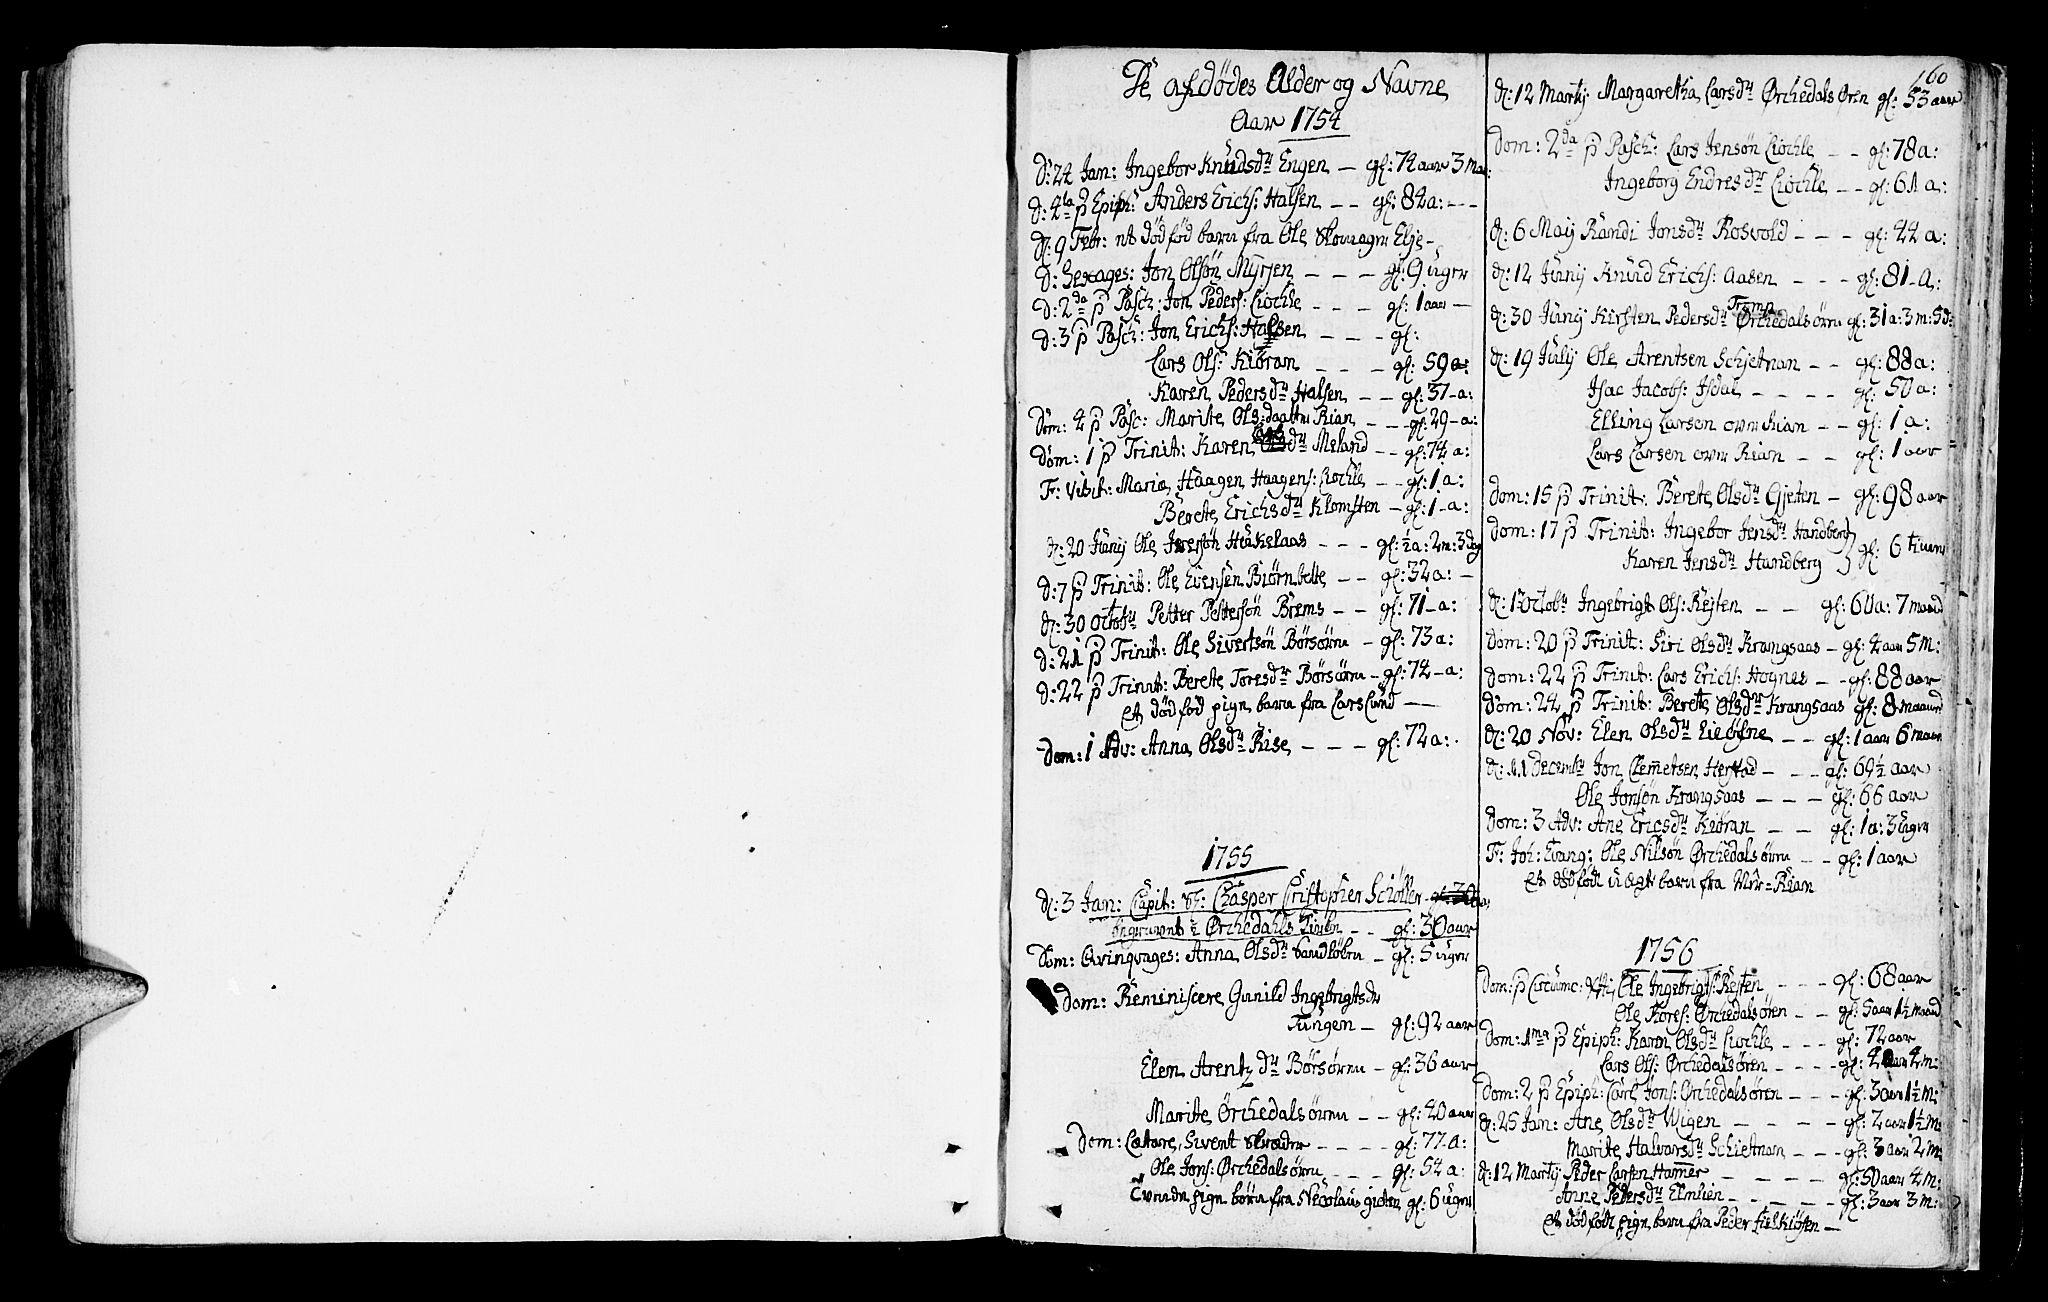 SAT, Ministerialprotokoller, klokkerbøker og fødselsregistre - Sør-Trøndelag, 665/L0768: Ministerialbok nr. 665A03, 1754-1803, s. 160